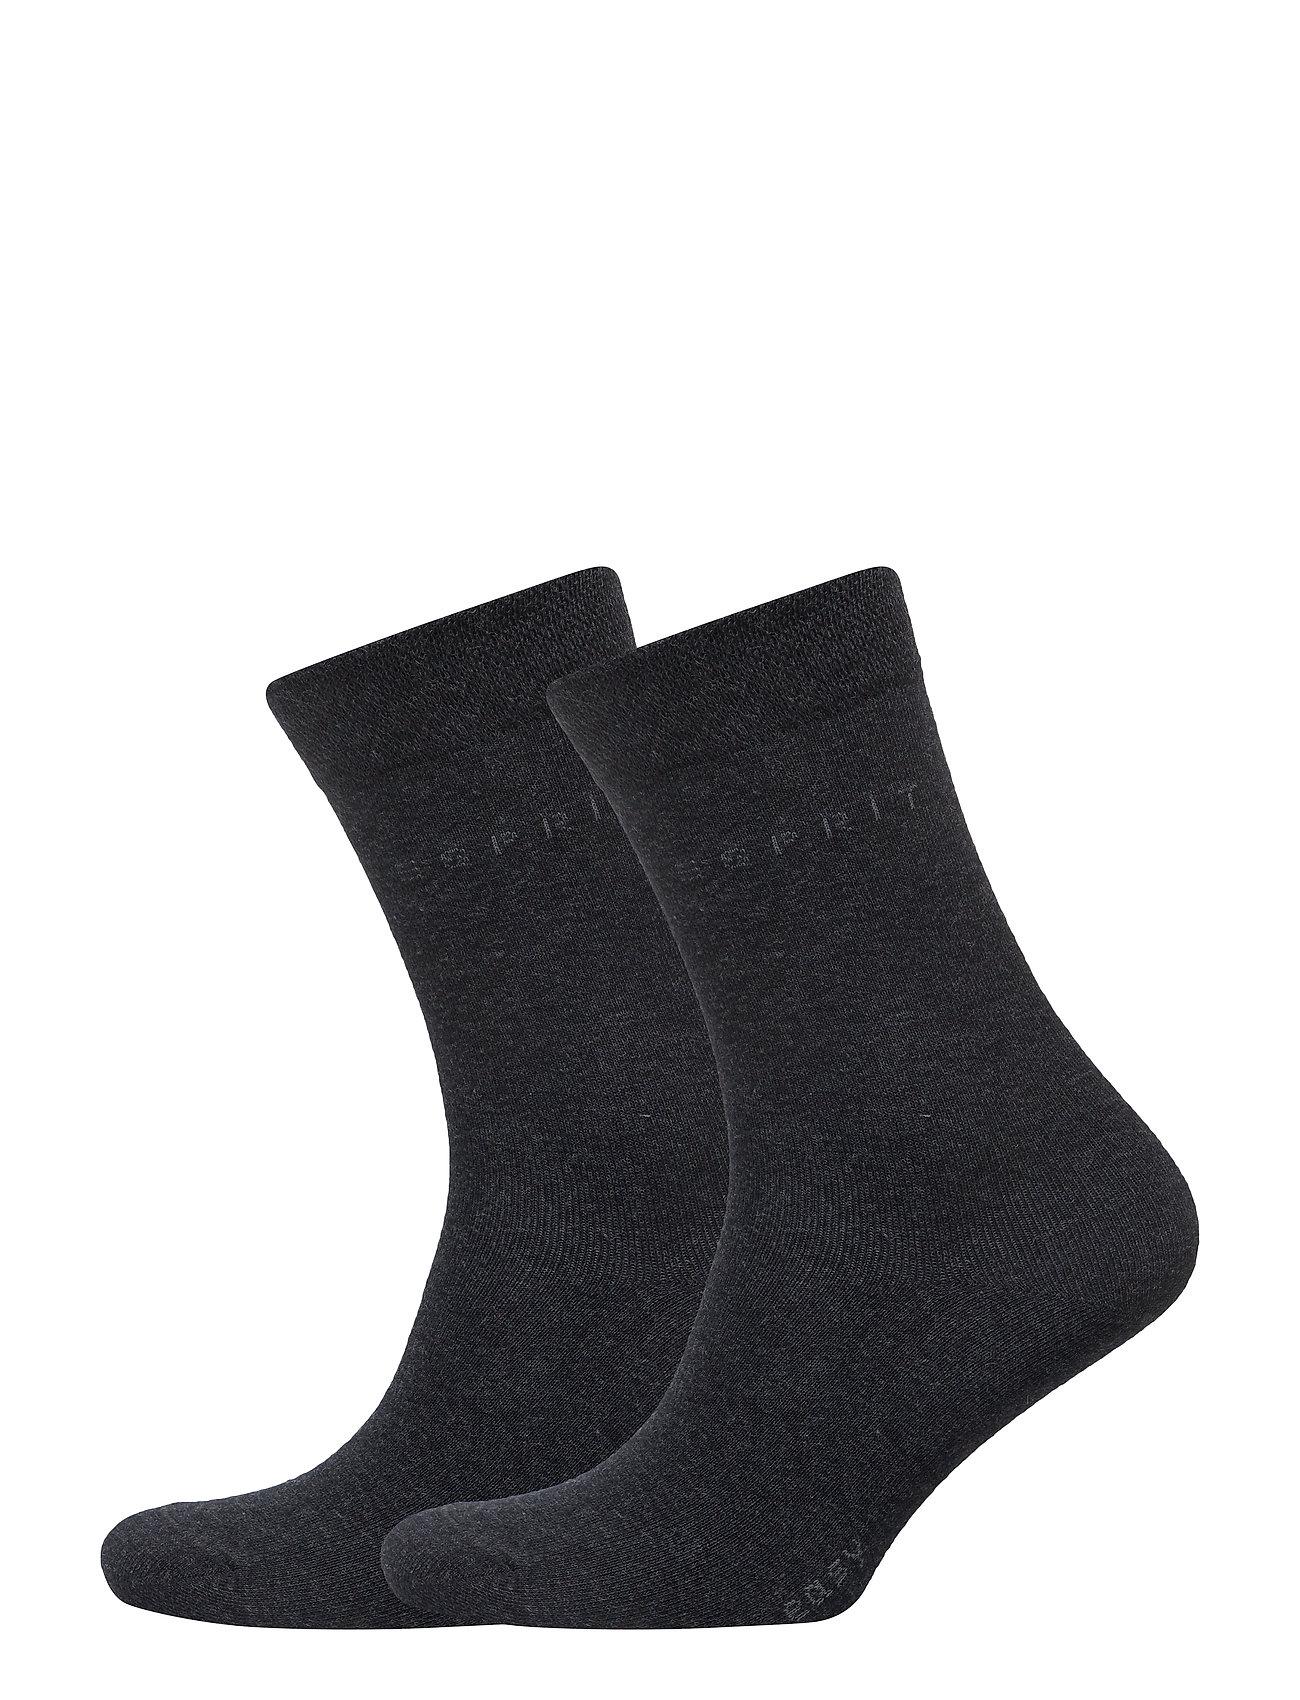 So2panthra Socks Easy melEsprit melEsprit Basic Basic So2panthra Easy mvOy8nwN0